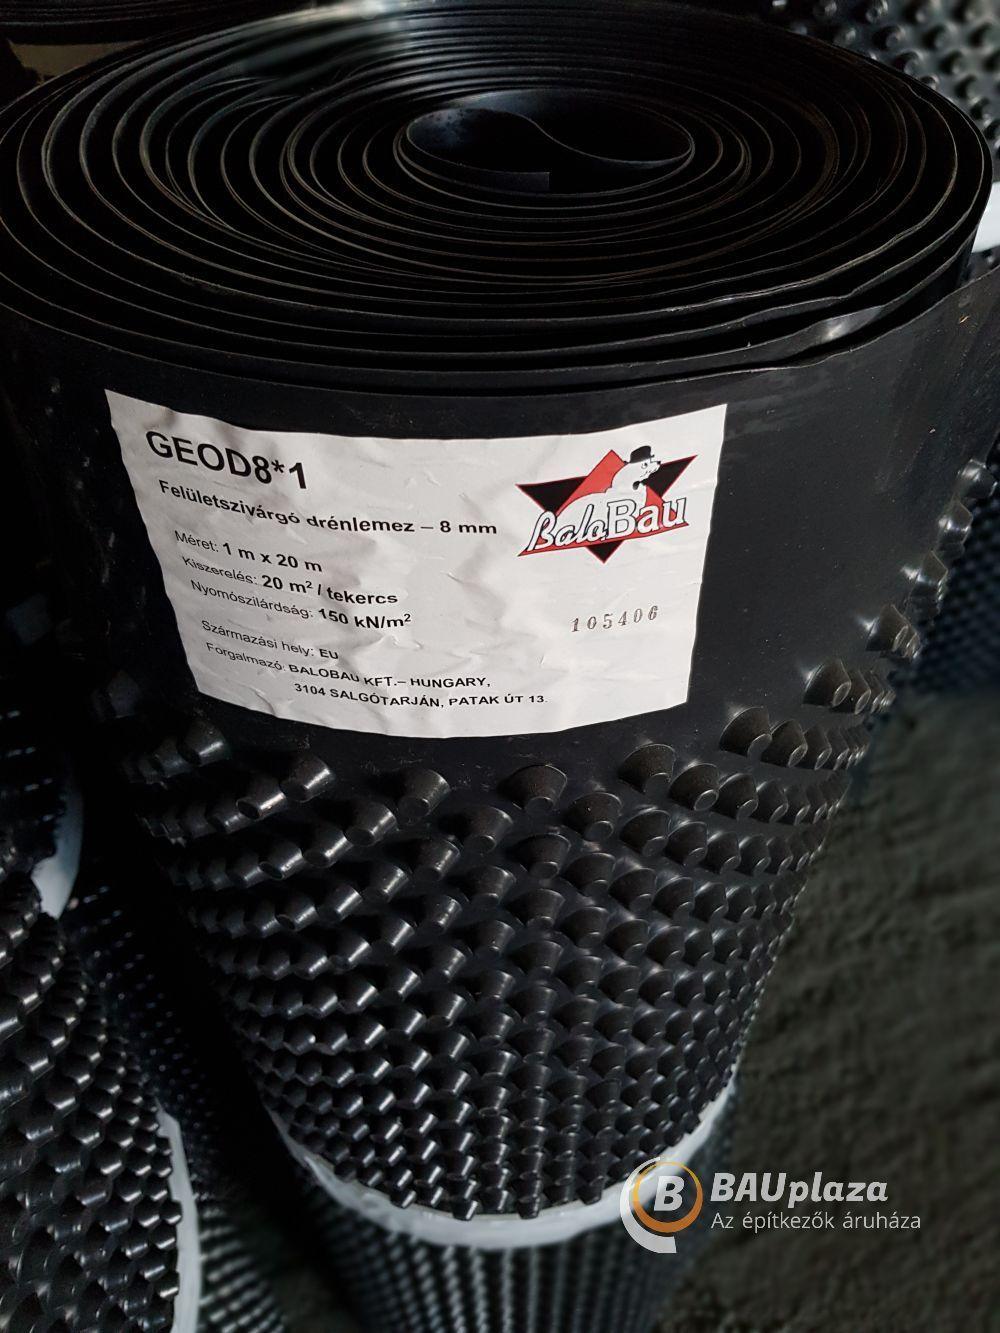 Felületszivárgó lemez 8 mm 2,5x20m 50 m2/tek. - 400 g/m2 (drénlemez) BAUplaza Kft.